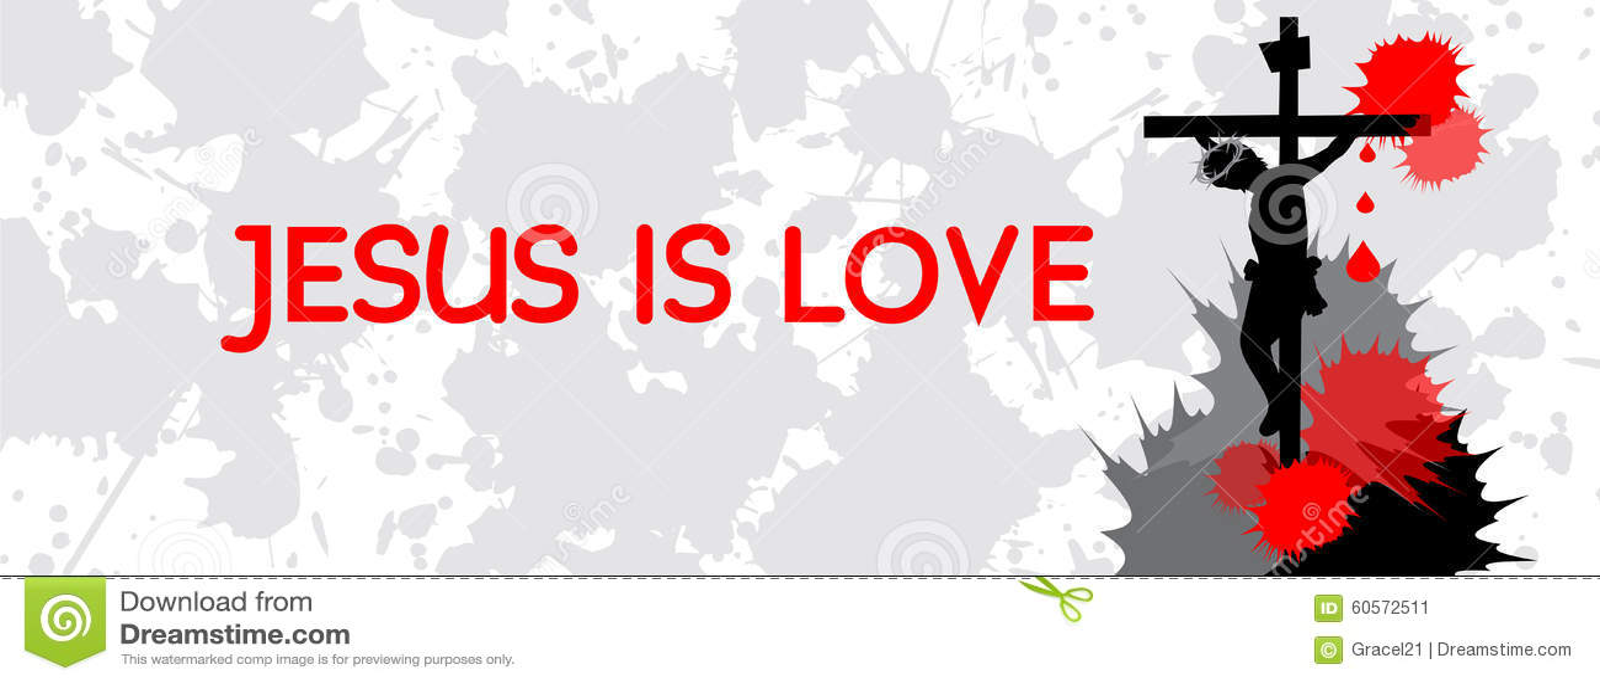 jesus is love timeline cover stock vector image 60572511. Black Bedroom Furniture Sets. Home Design Ideas